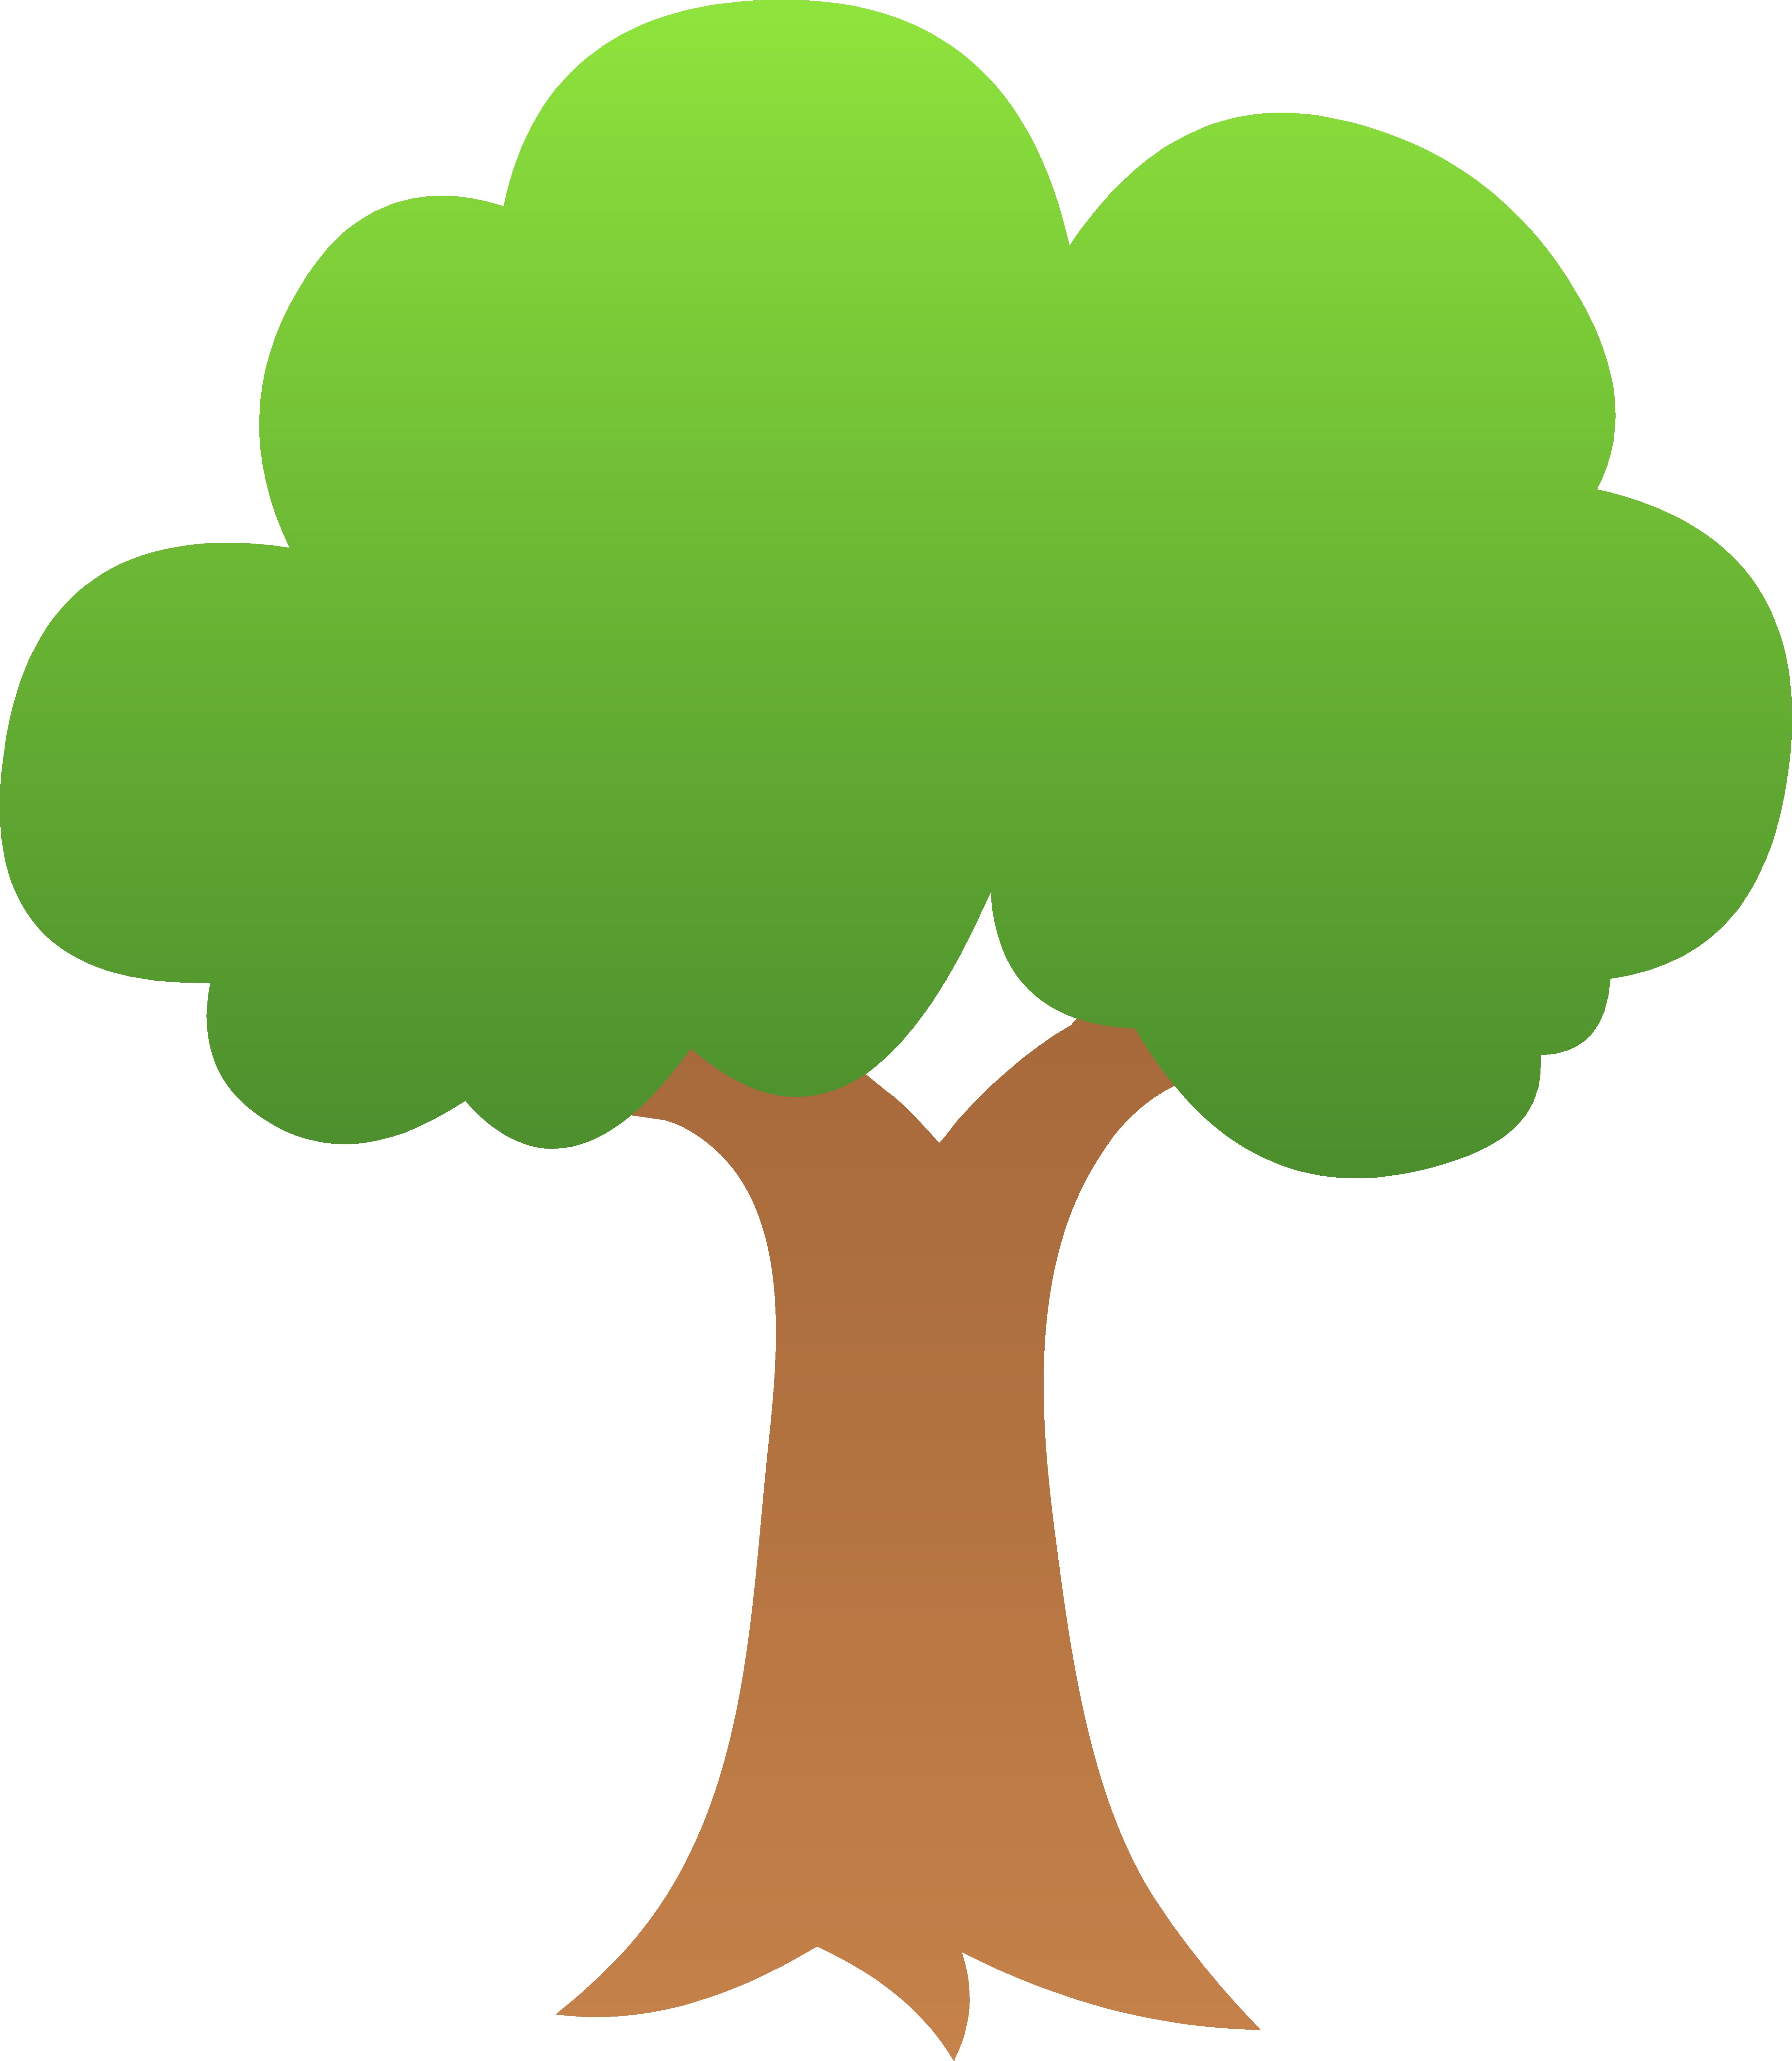 Tree Clipart-tree clipart-15